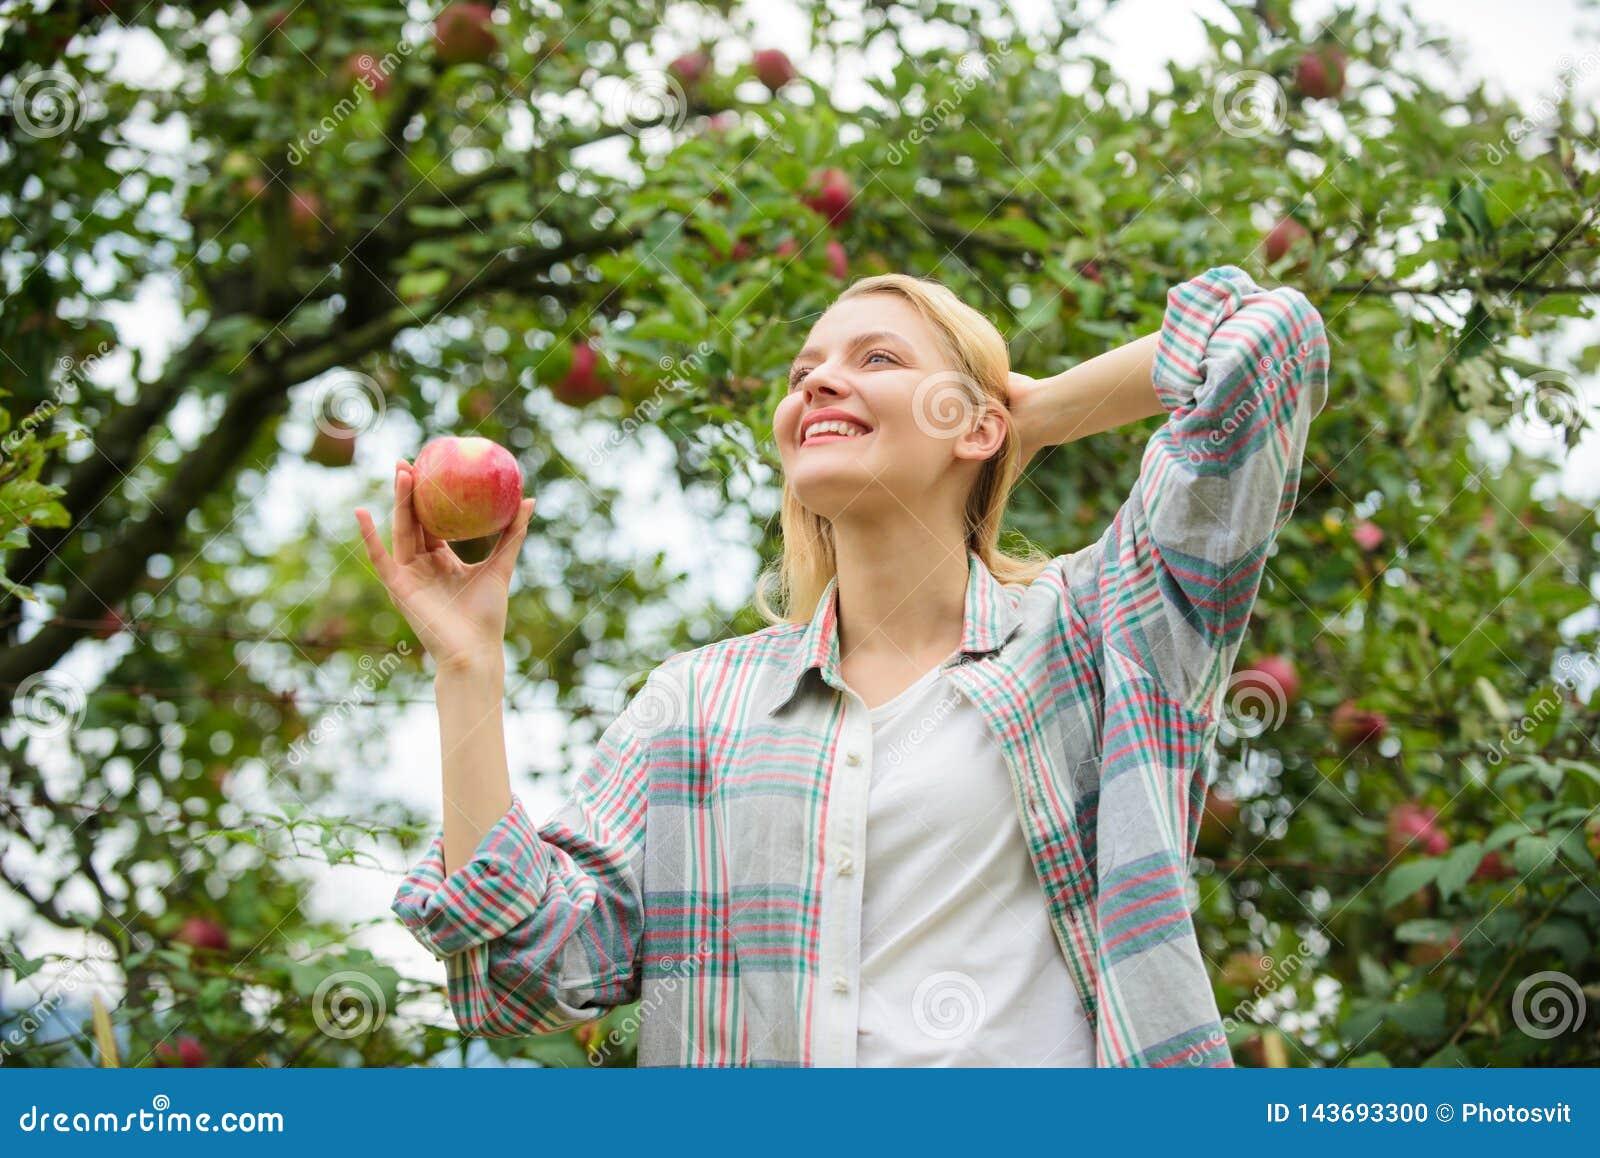 Vitamine en het op dieet zijn voedsel Gezonde tanden honger boomgaard, tuinmanmeisje in appeltuin Gelukkige Vrouw die Apple eet